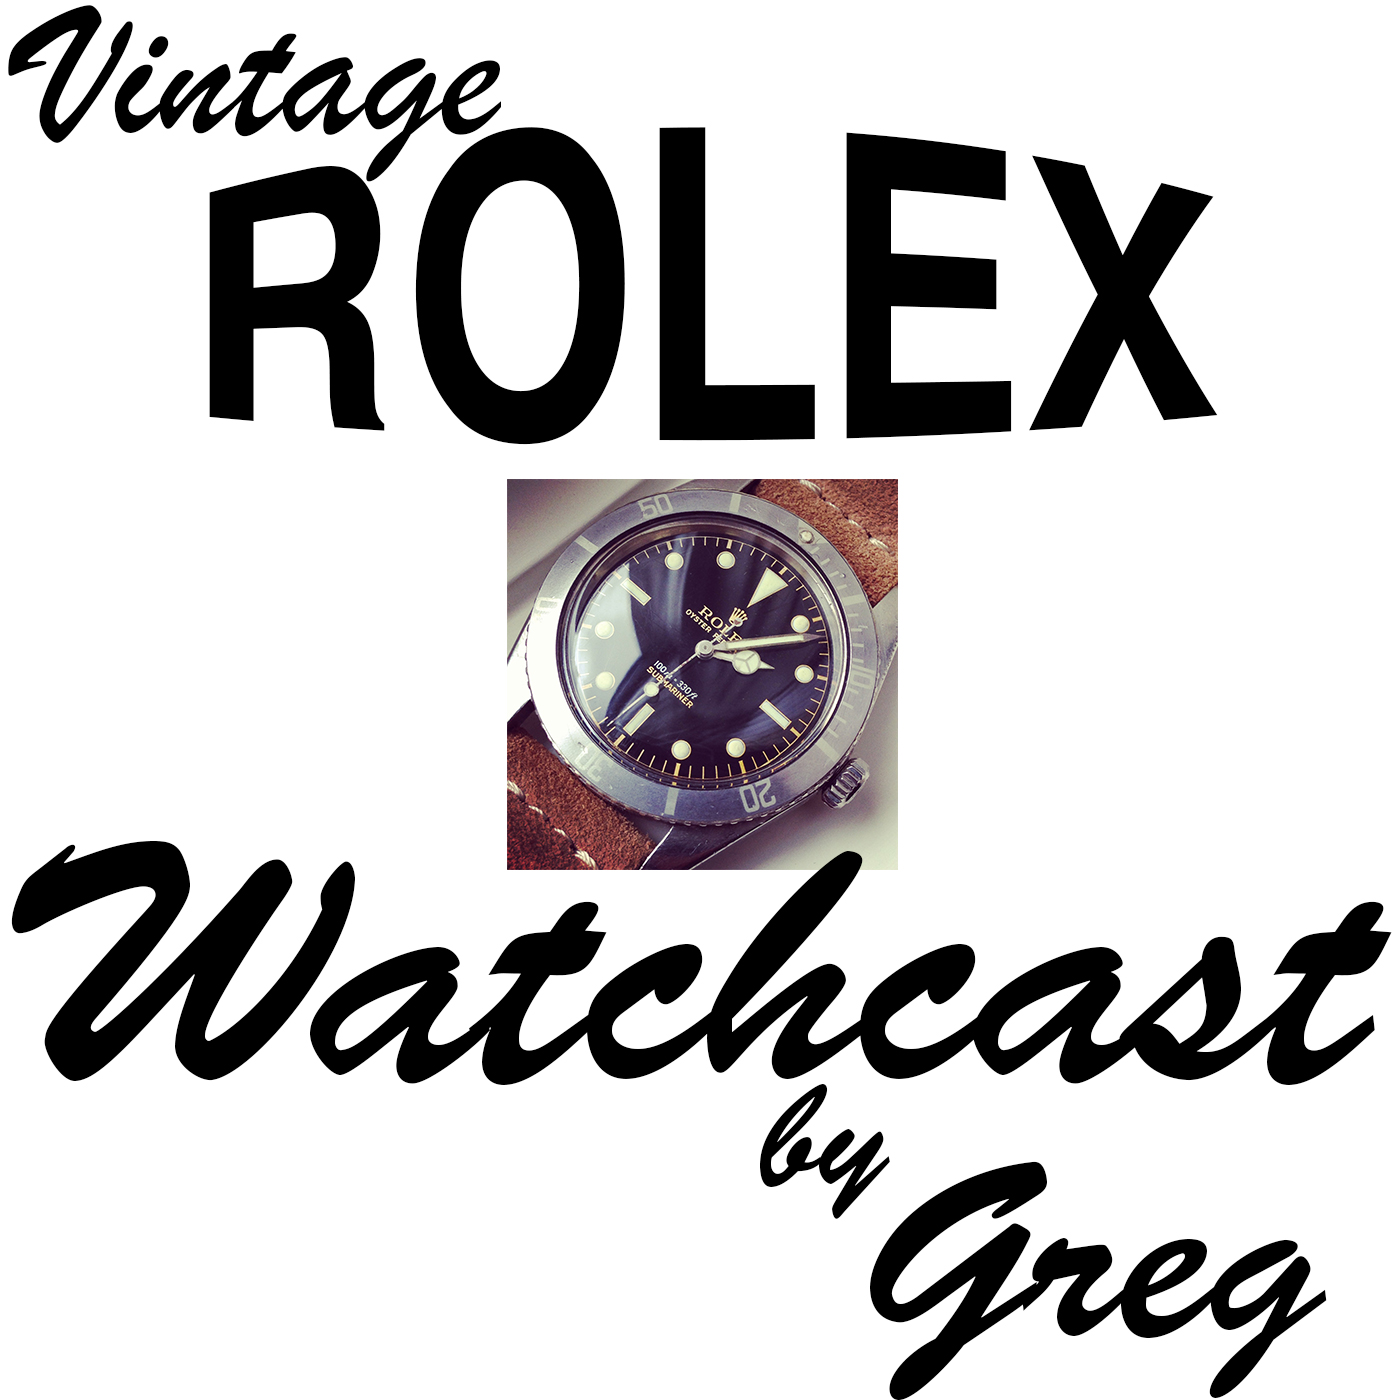 Vintage Rolex Watchcast - KNIGHTSBRIDGE